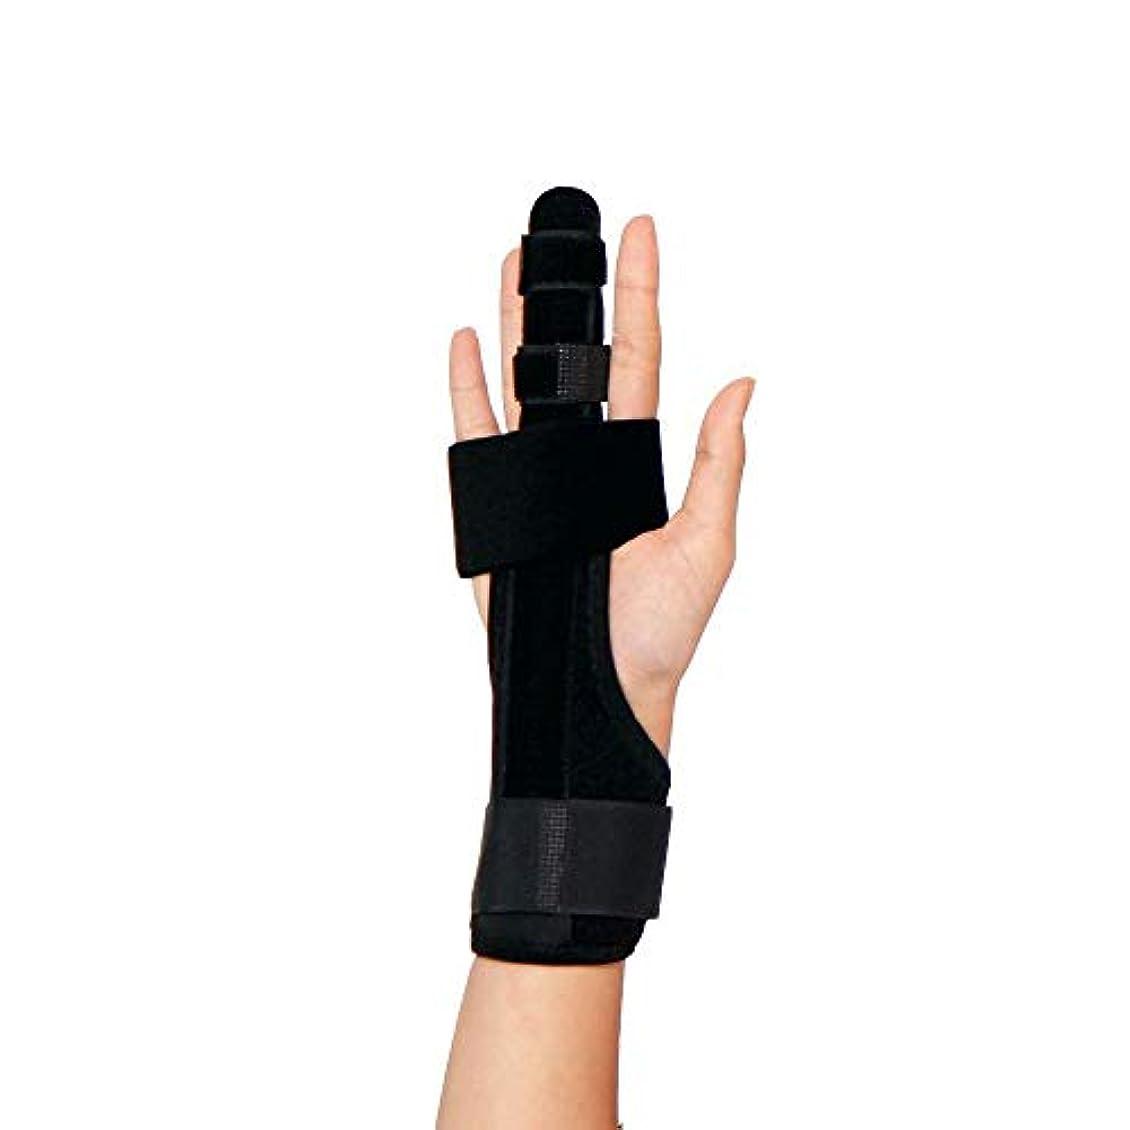 起業家ぼろフィードトリガーフィンガースプリントフィンガーブレース、折れた指用の快適なフィンガースプリント、曲がったマレットまたは関節炎の指関節用の調整可能なプロテクター